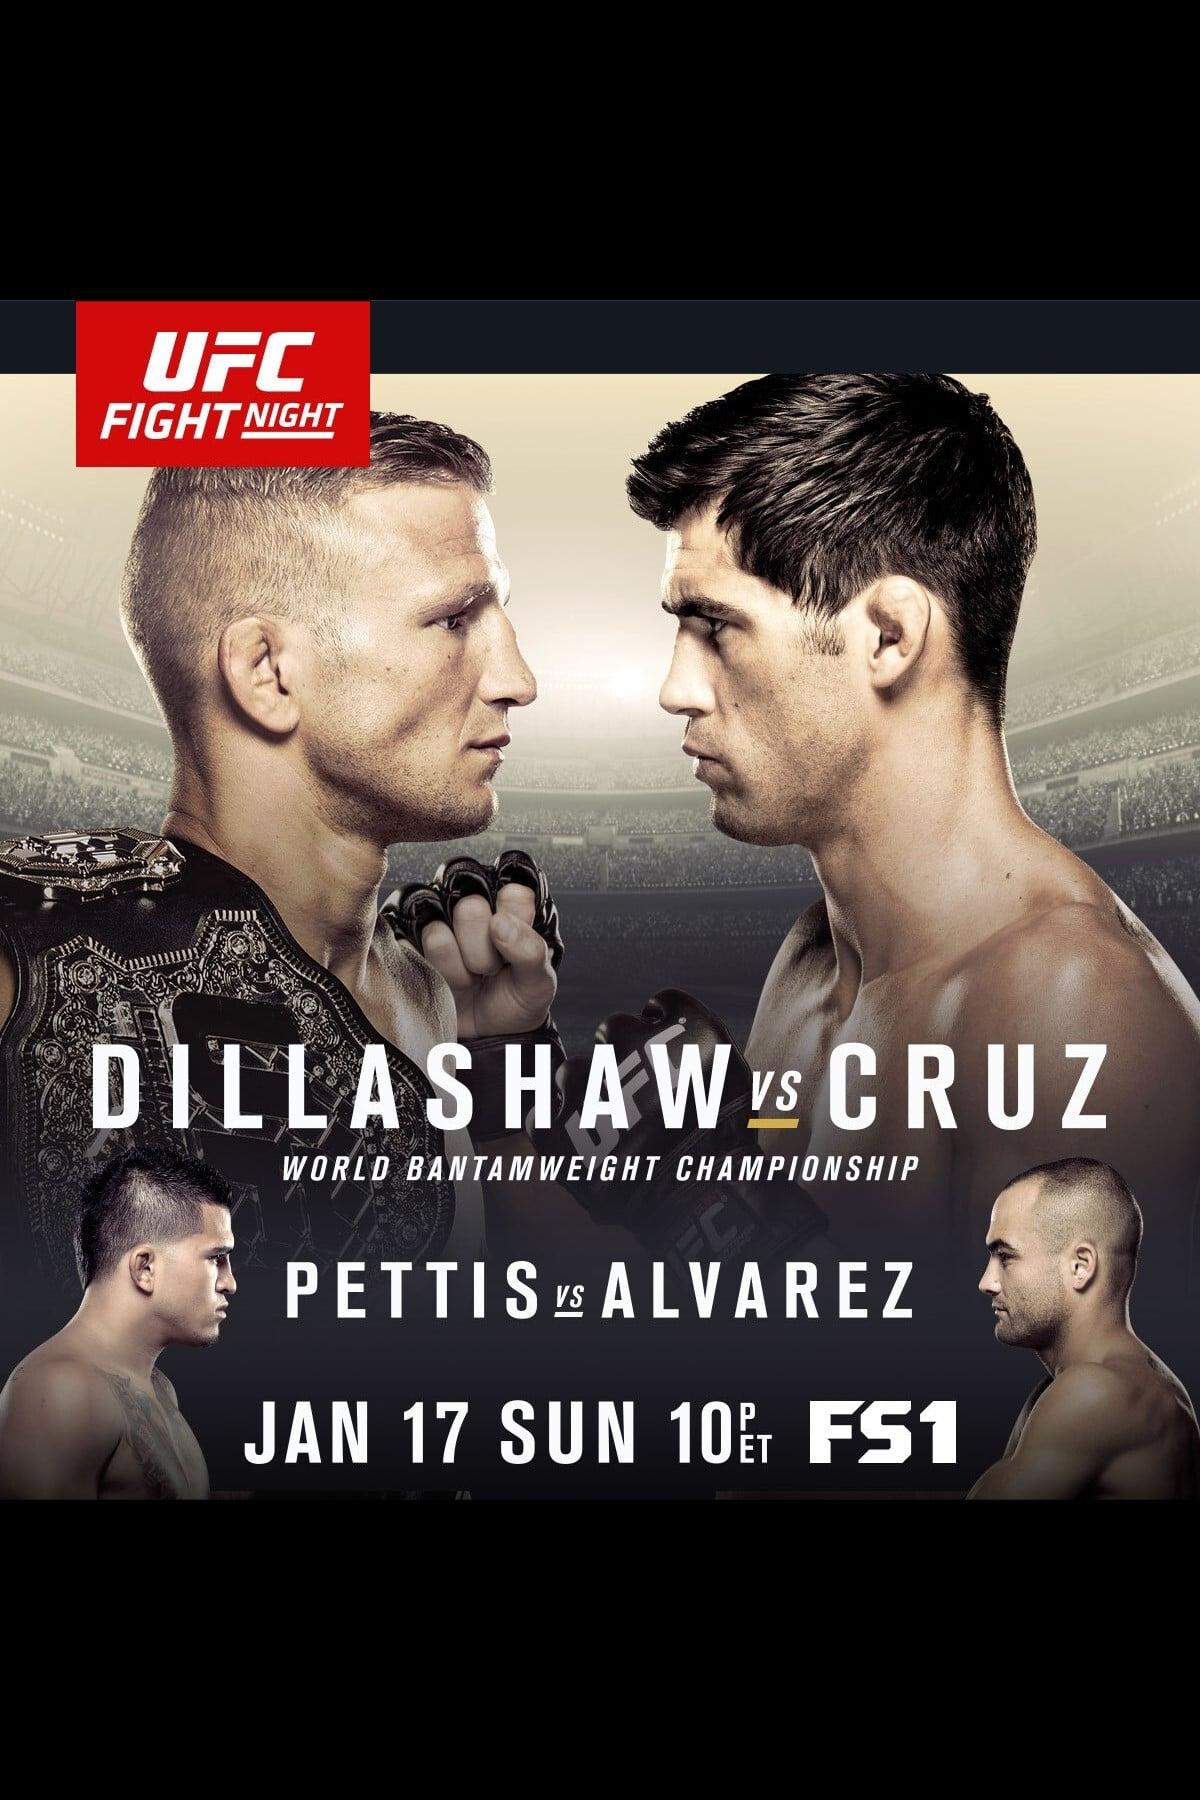 UFC Fight Night 81: Dillashaw vs. Cruz